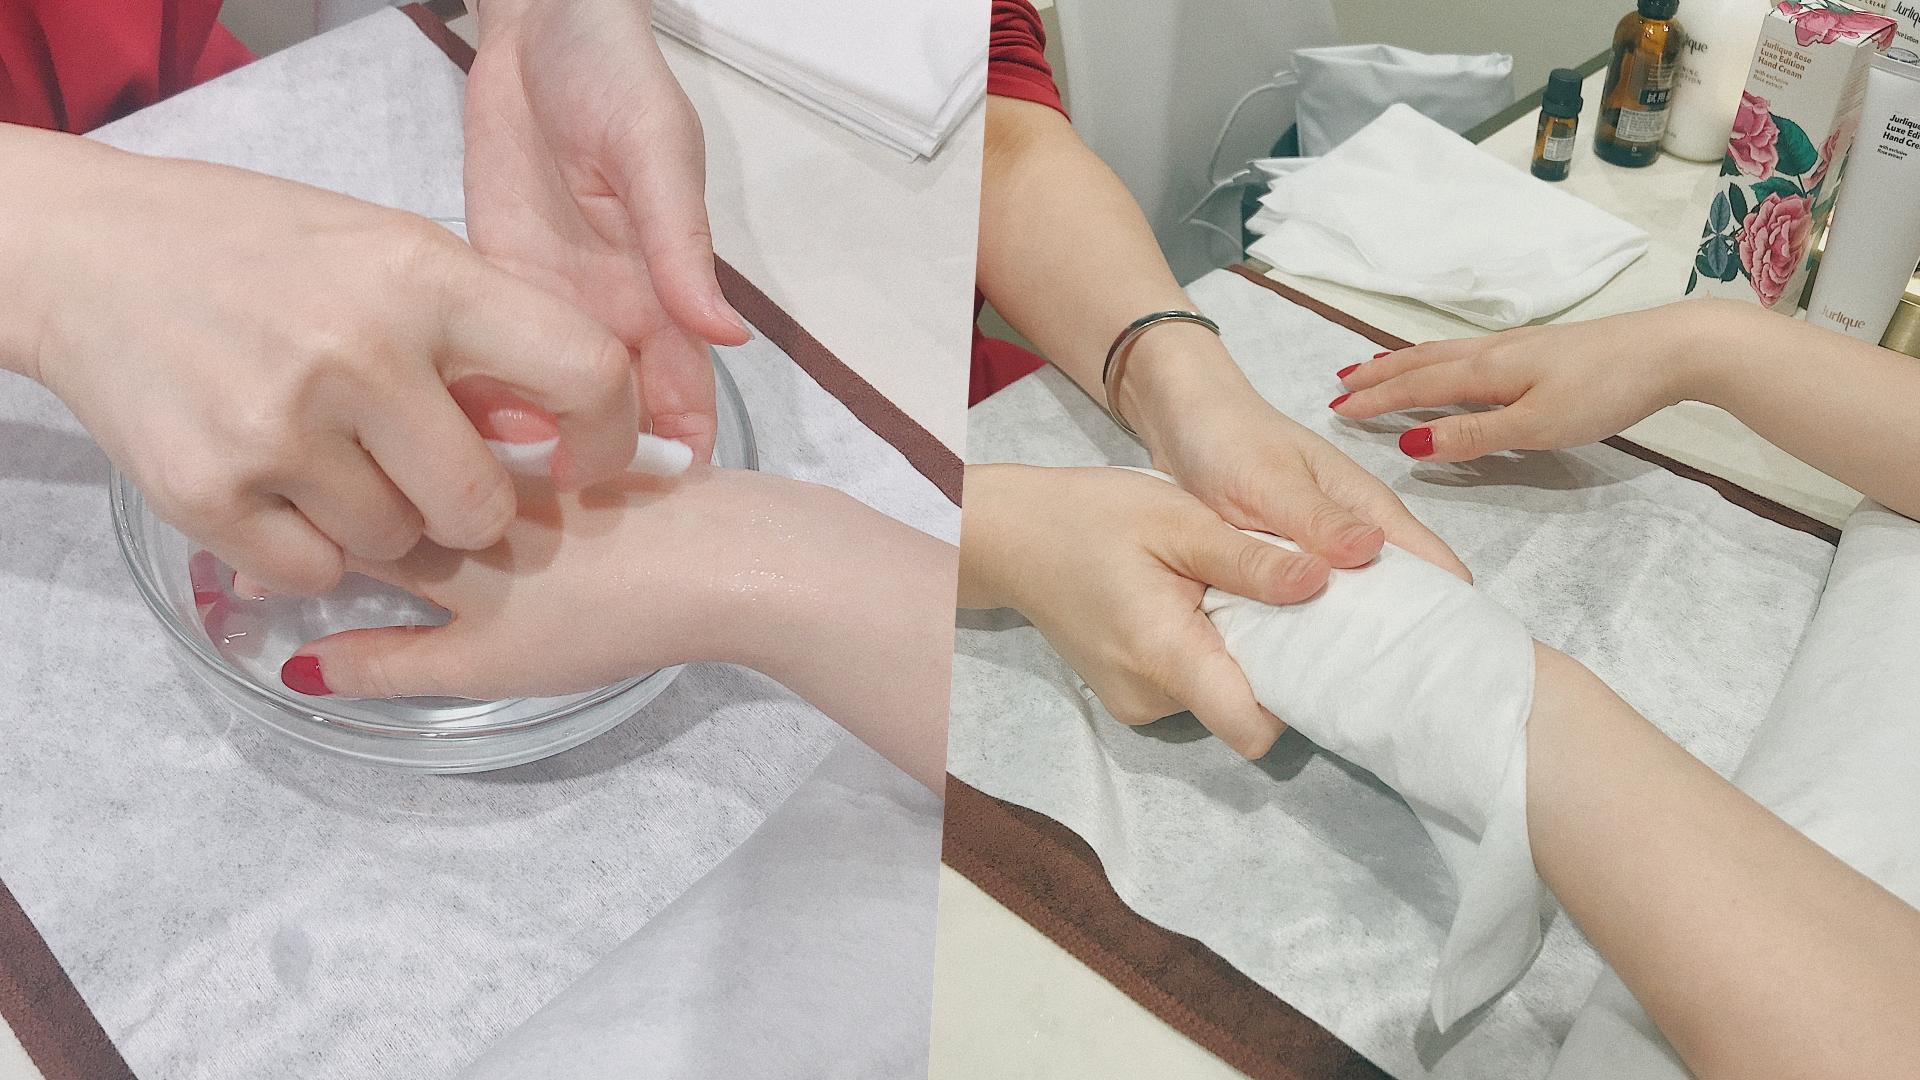 洗手12次依然摸起来超柔嫩!美容师私藏的超完整护手技巧原来护手霜怎么挑、怎么用都有眉角!